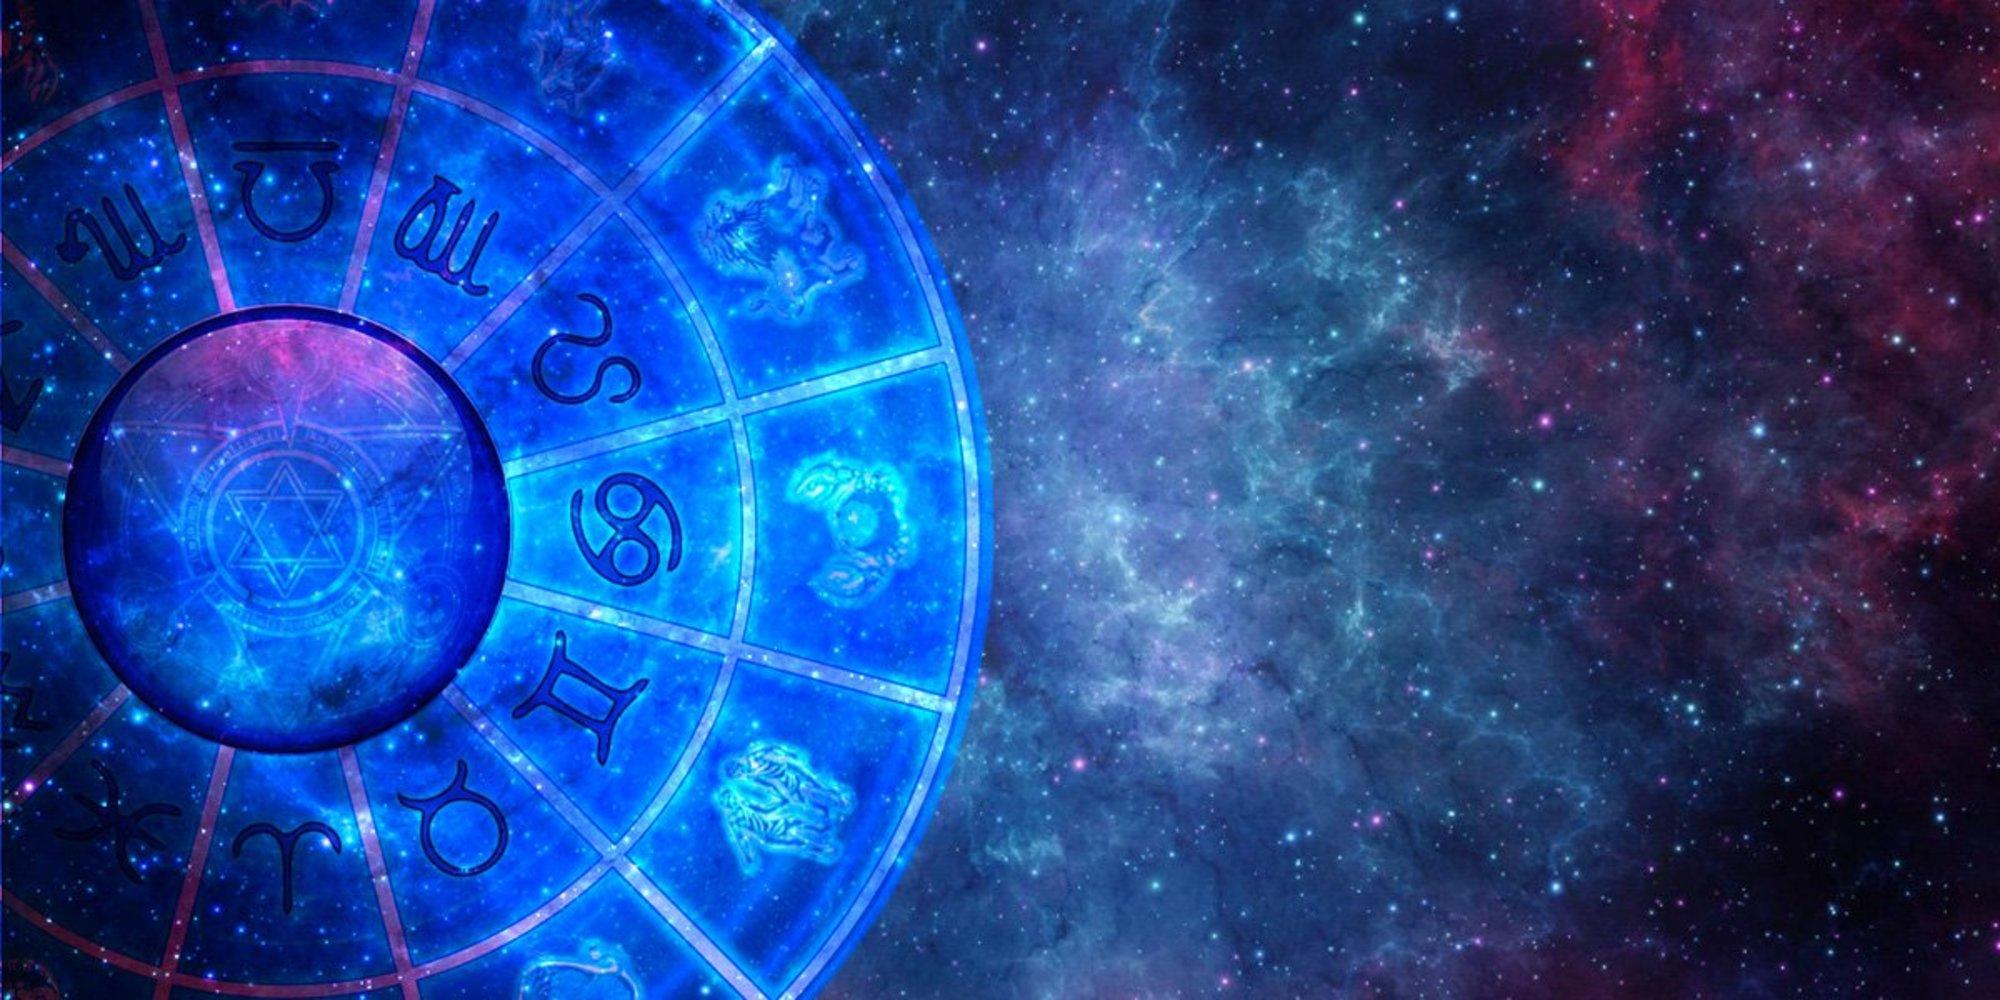 Надписью, гороскоп красивые картинки